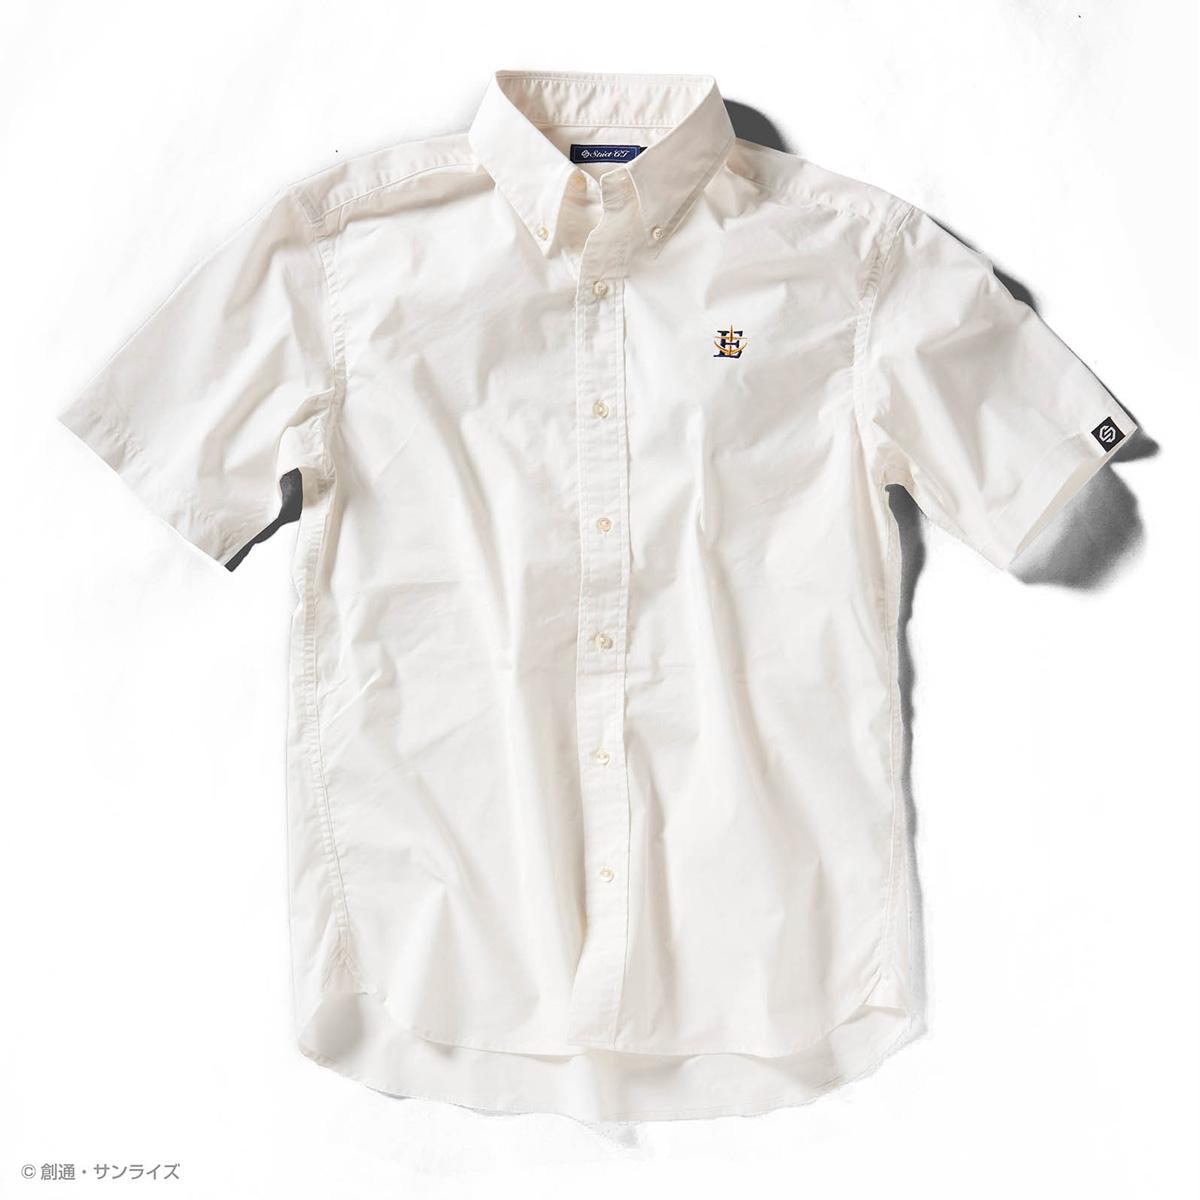 STRICT-G『機動戦士ガンダム』 クールマックス 半袖ボタンダウン刺繍シャツ E.F.S.F.